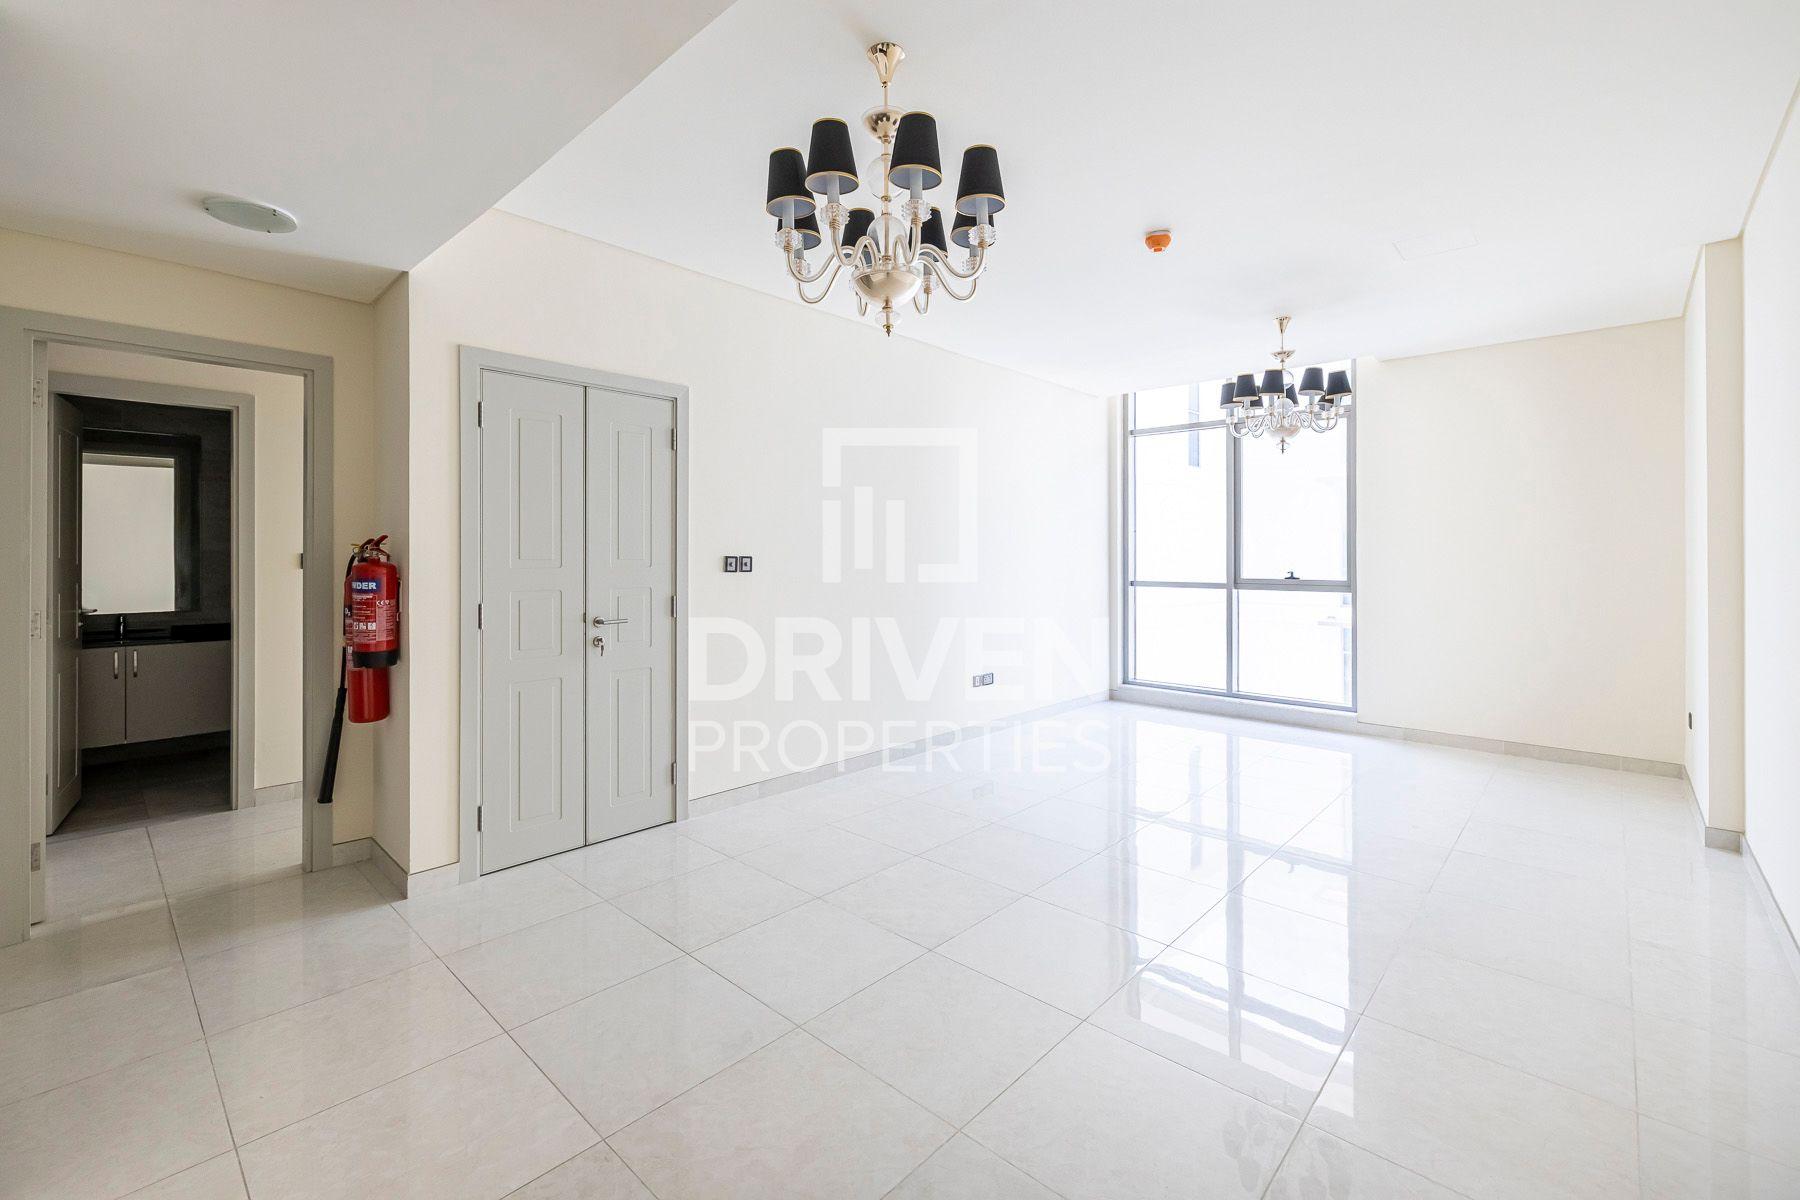 821 قدم مربع  شقة - للايجار - ميدان